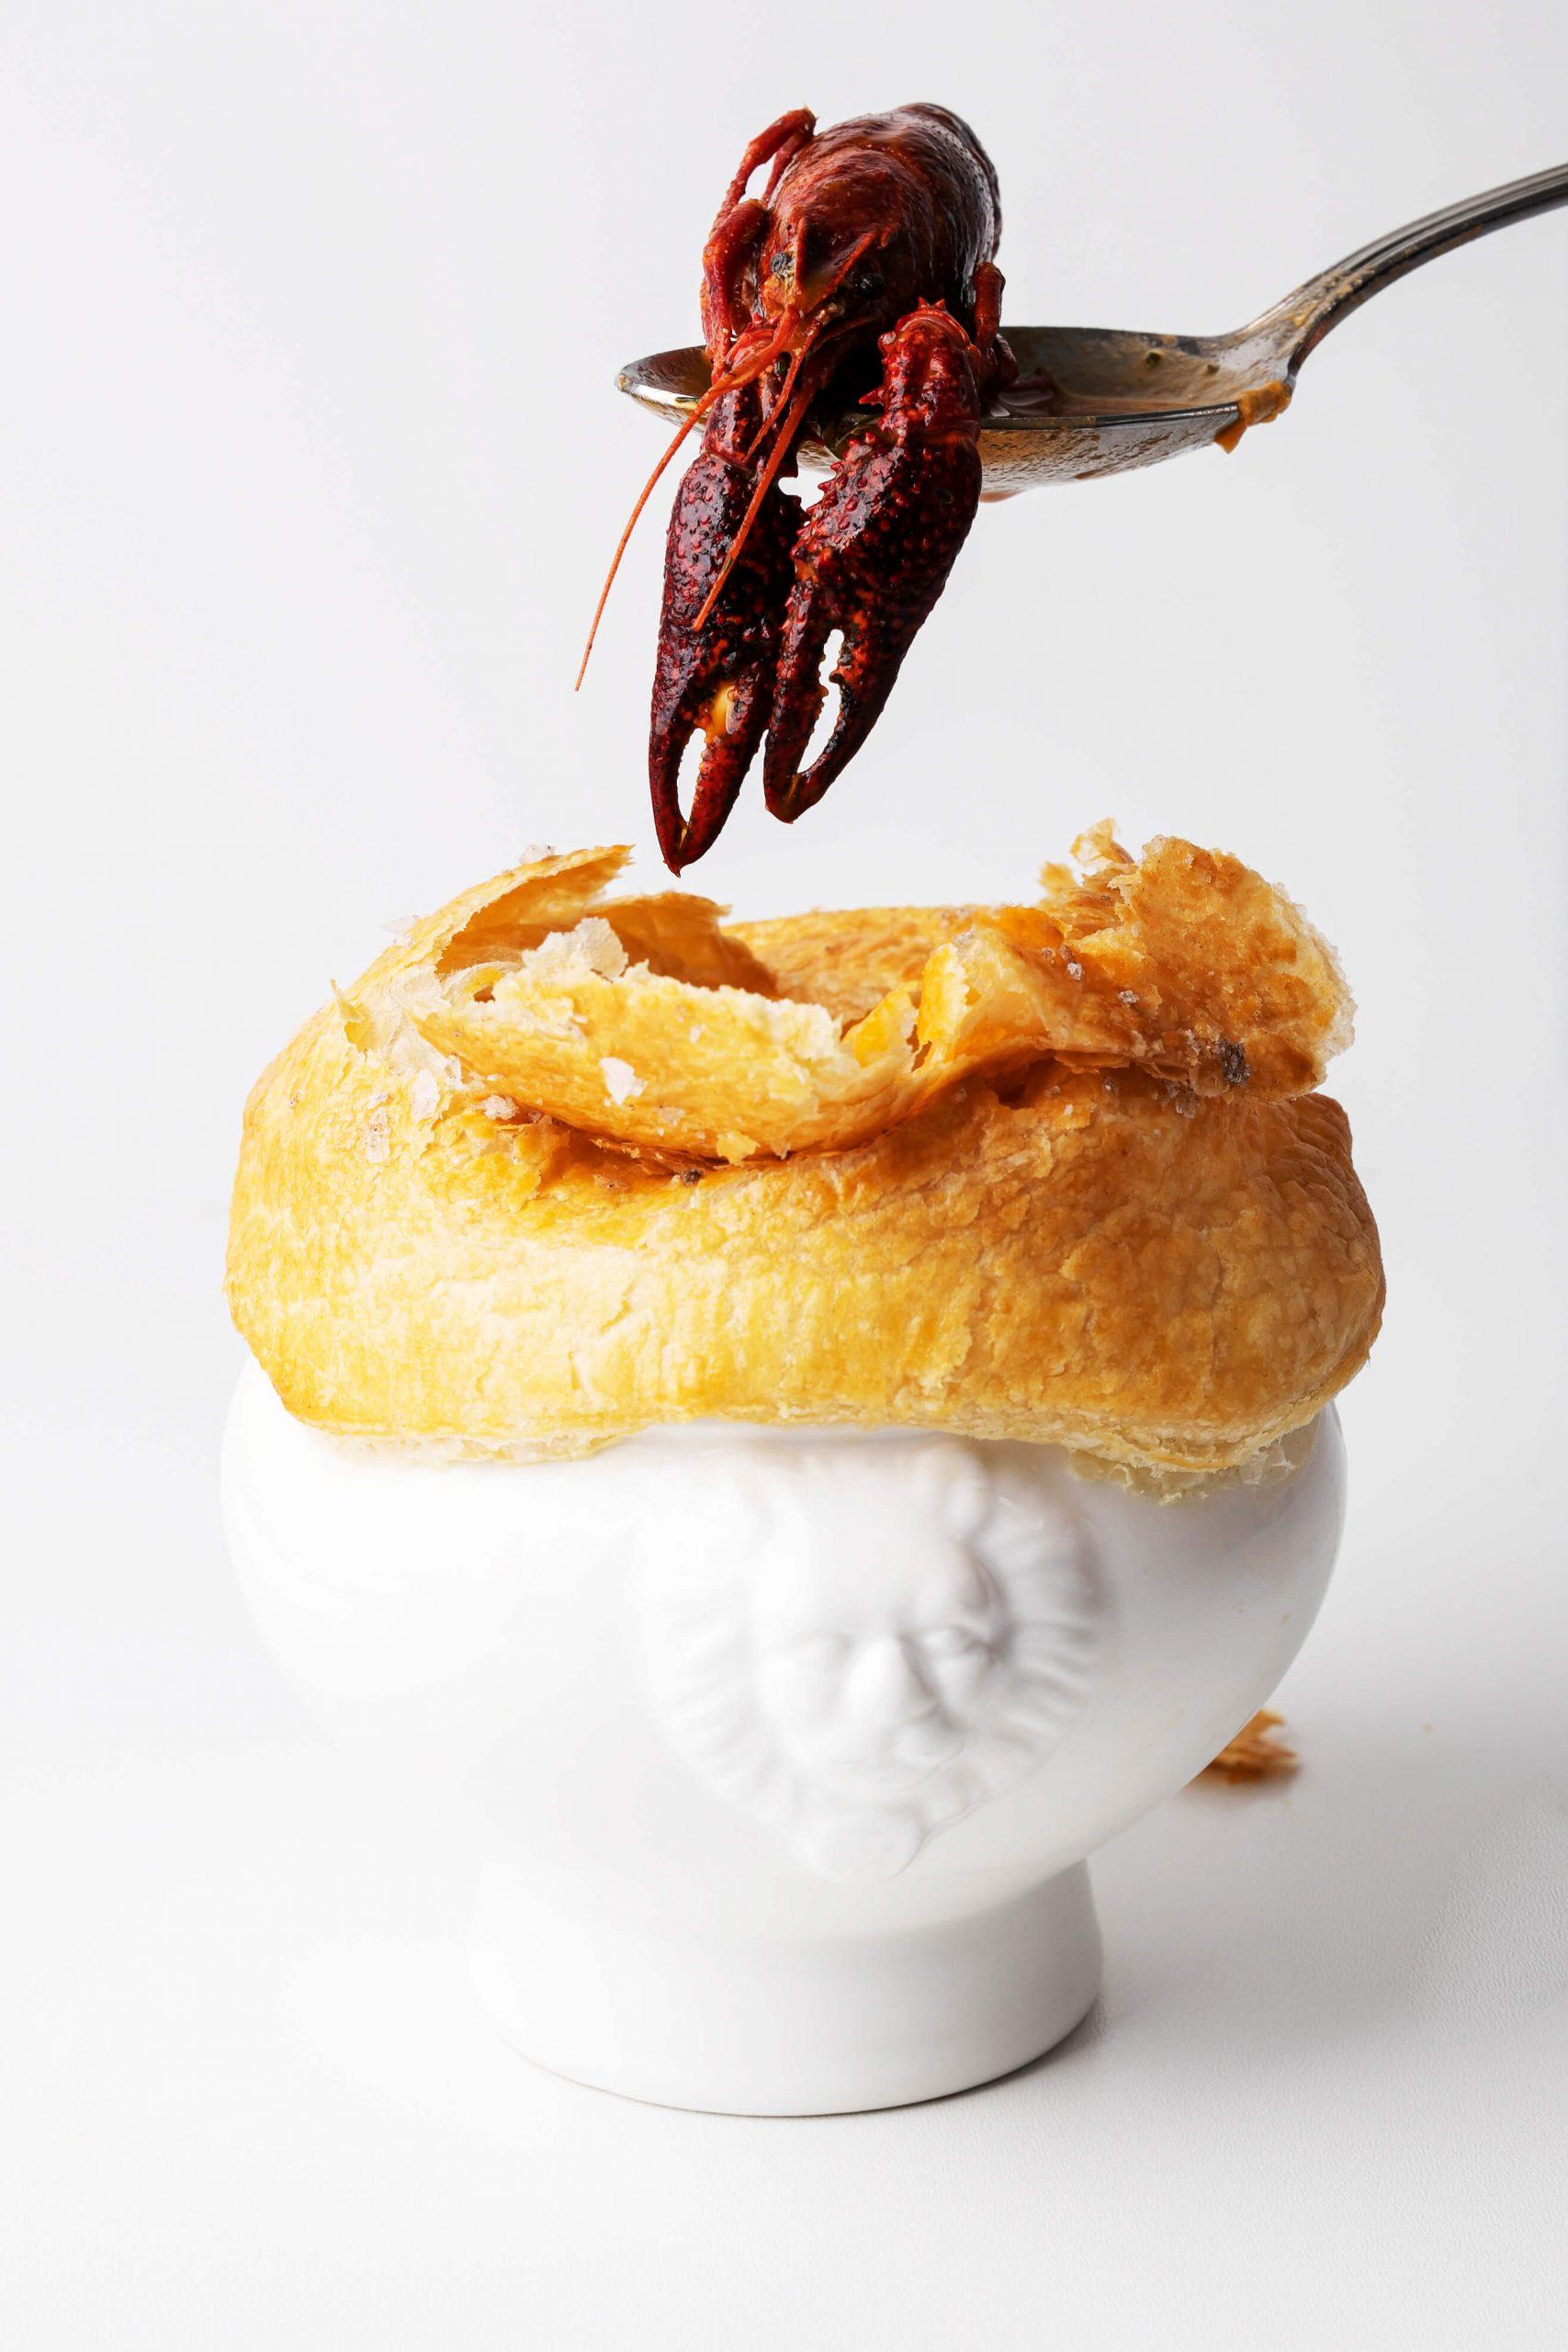 zupa rakowa fot. Joanna Ogorek 3 scaled - Świętujmy razem Dzień Turystyki Kulinarnej 18.04